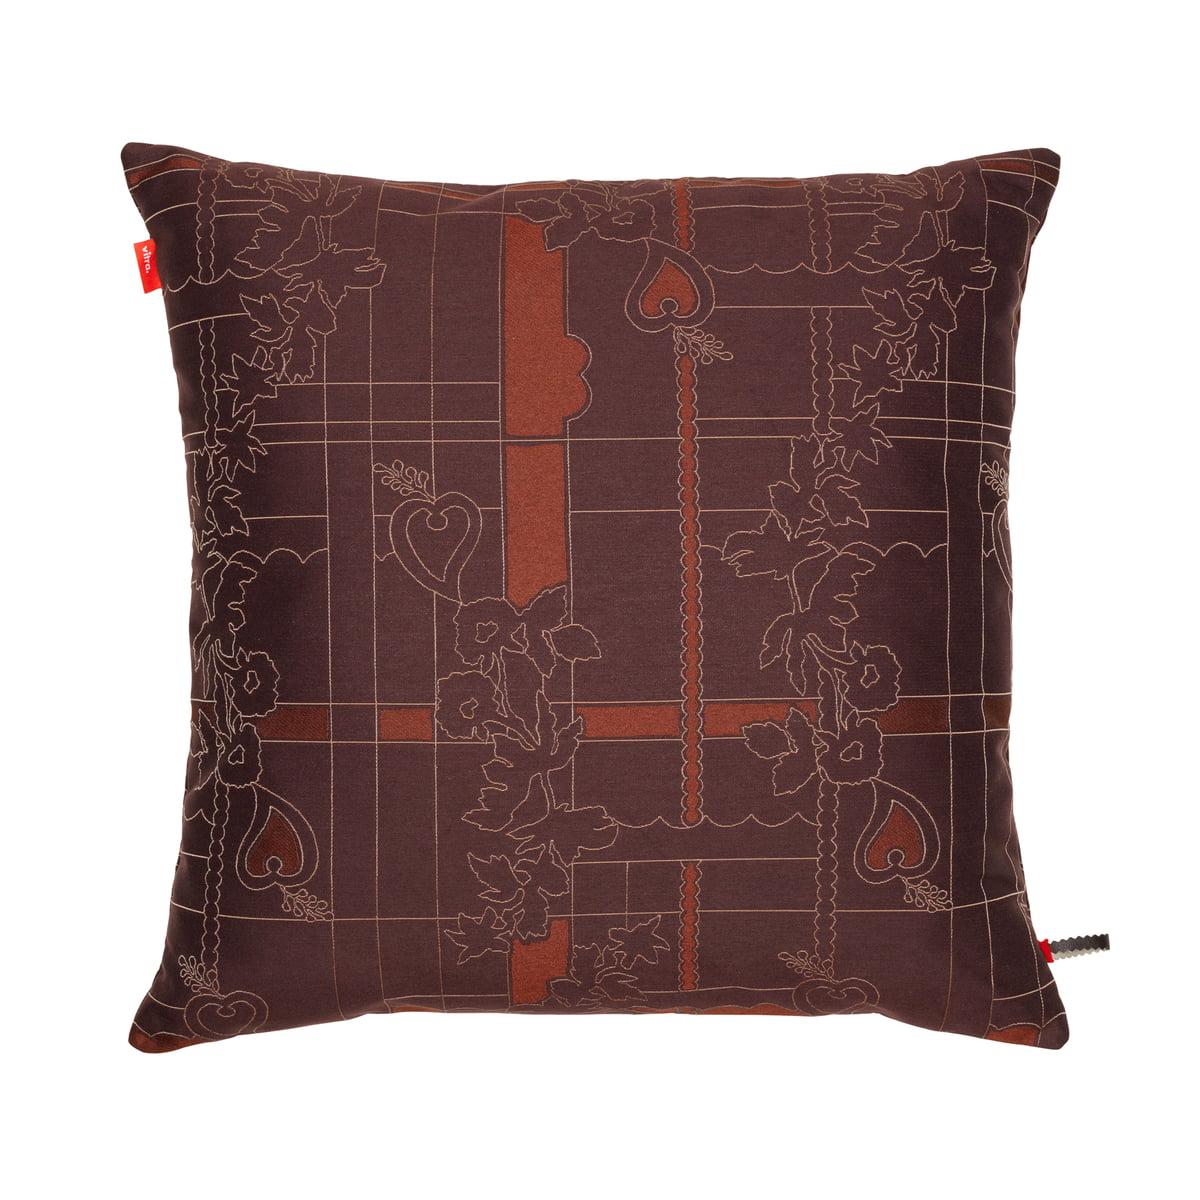 vitra kissen maharam park woven cayenne syrah verschiedene farben h 55 b 55 online kaufen. Black Bedroom Furniture Sets. Home Design Ideas